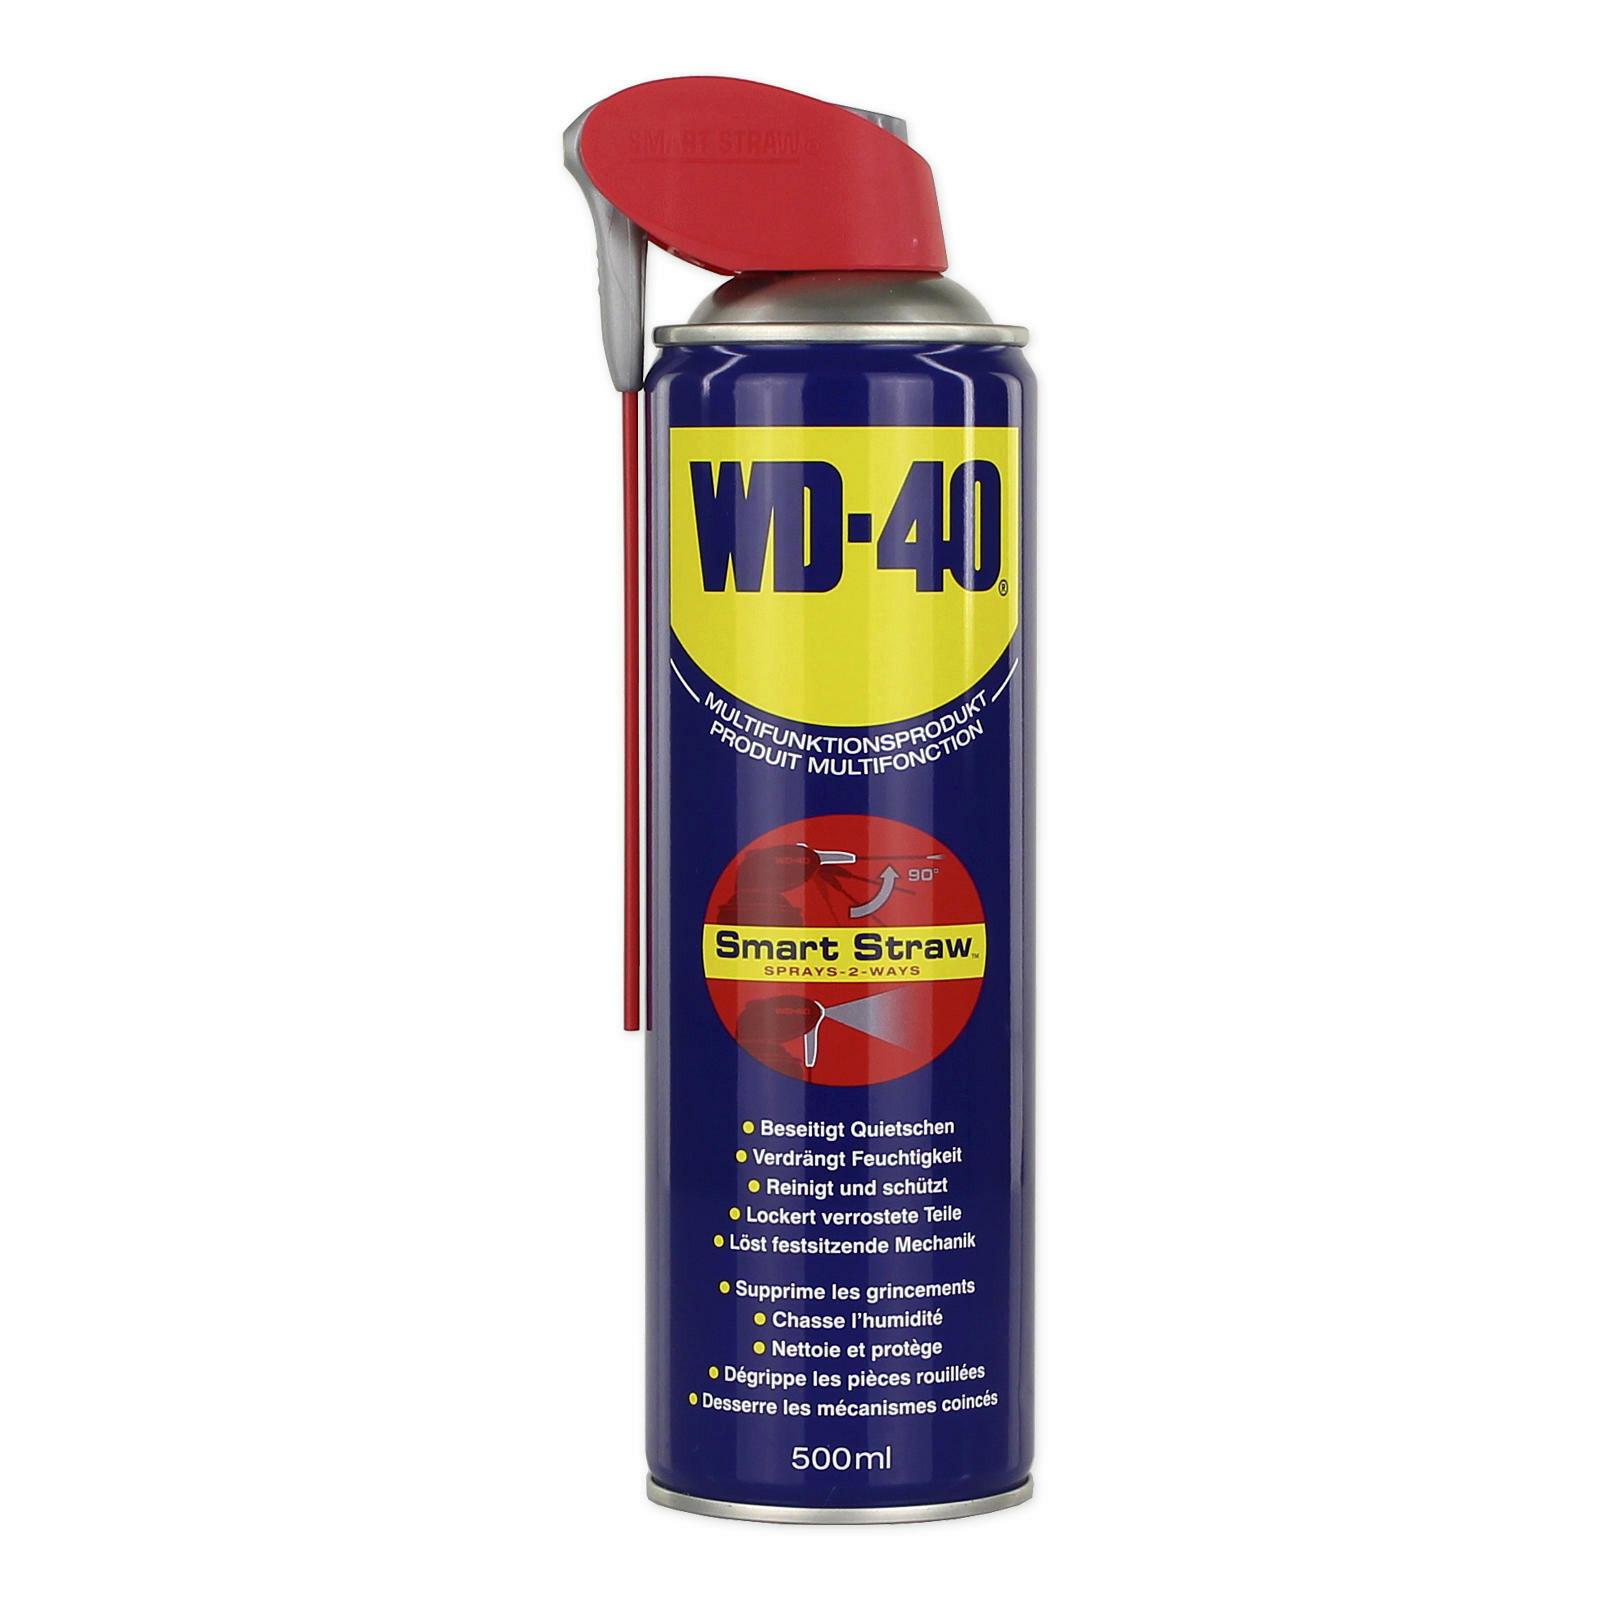 WD-40 Rostlöser Smart Straw 500ml